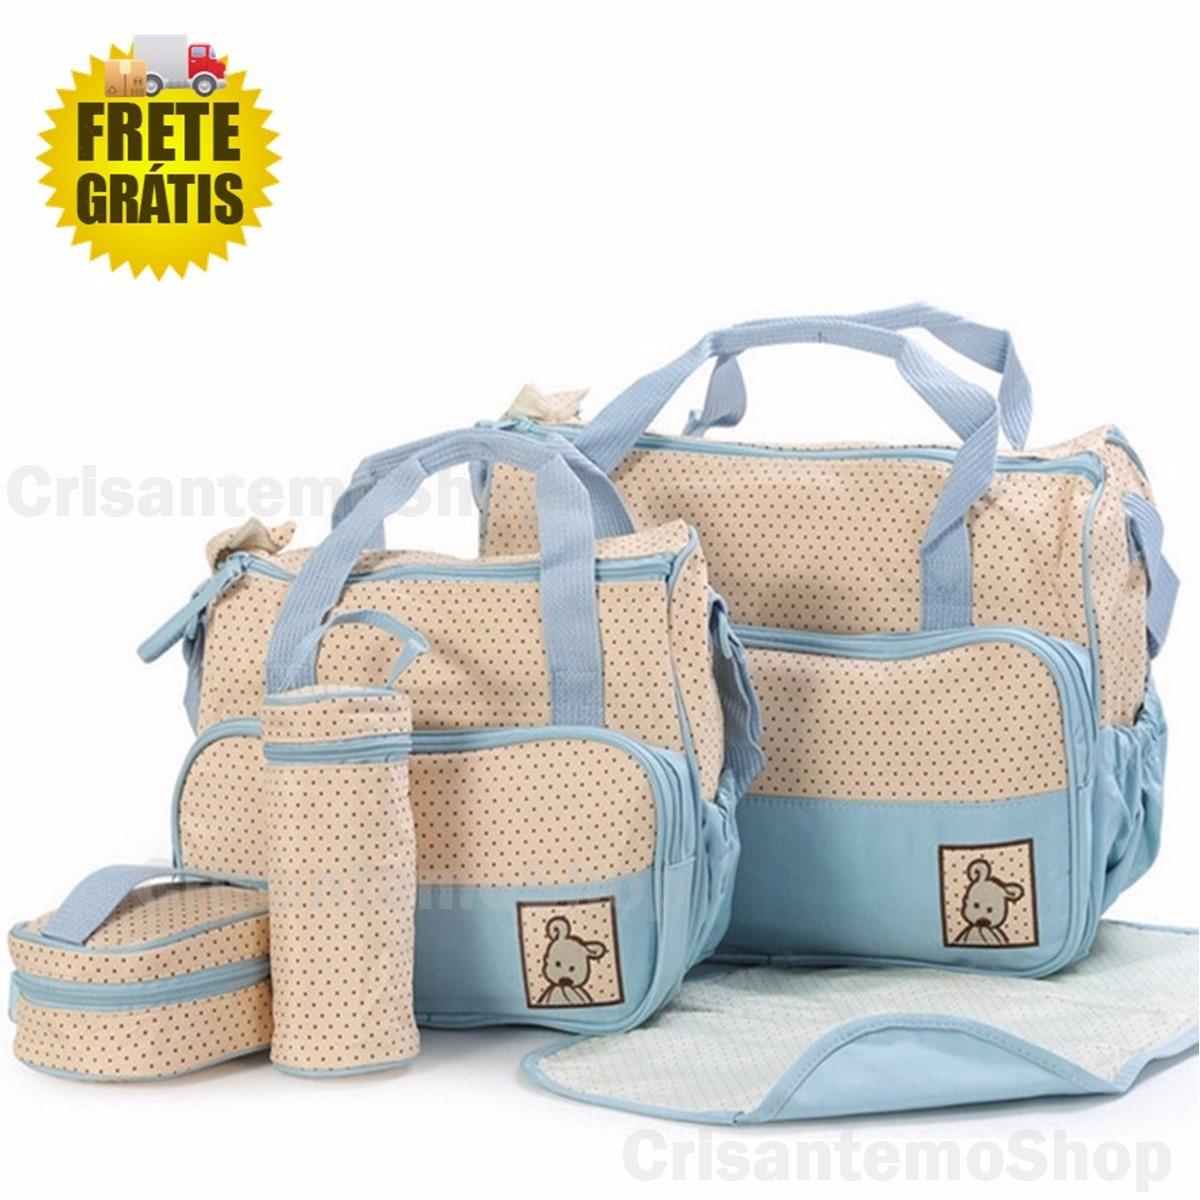 8477332541 kit bolsa saída maternidade bebê 5 peças azul + frete grátis. Carregando  zoom.